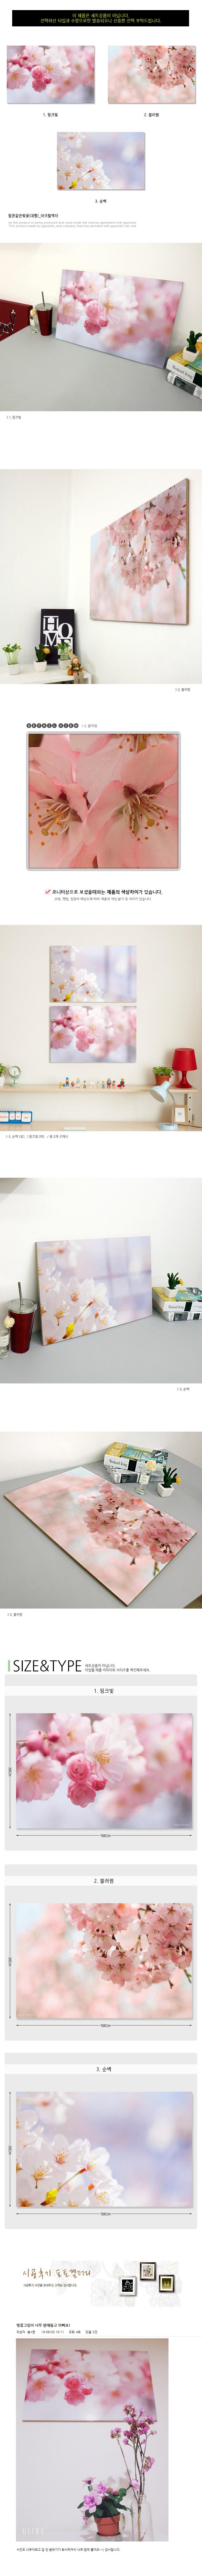 tm030-아크릴액자_팝콘같은벚꽃(대형) - 꾸밈, 33,600원, 액자, 벽걸이액자